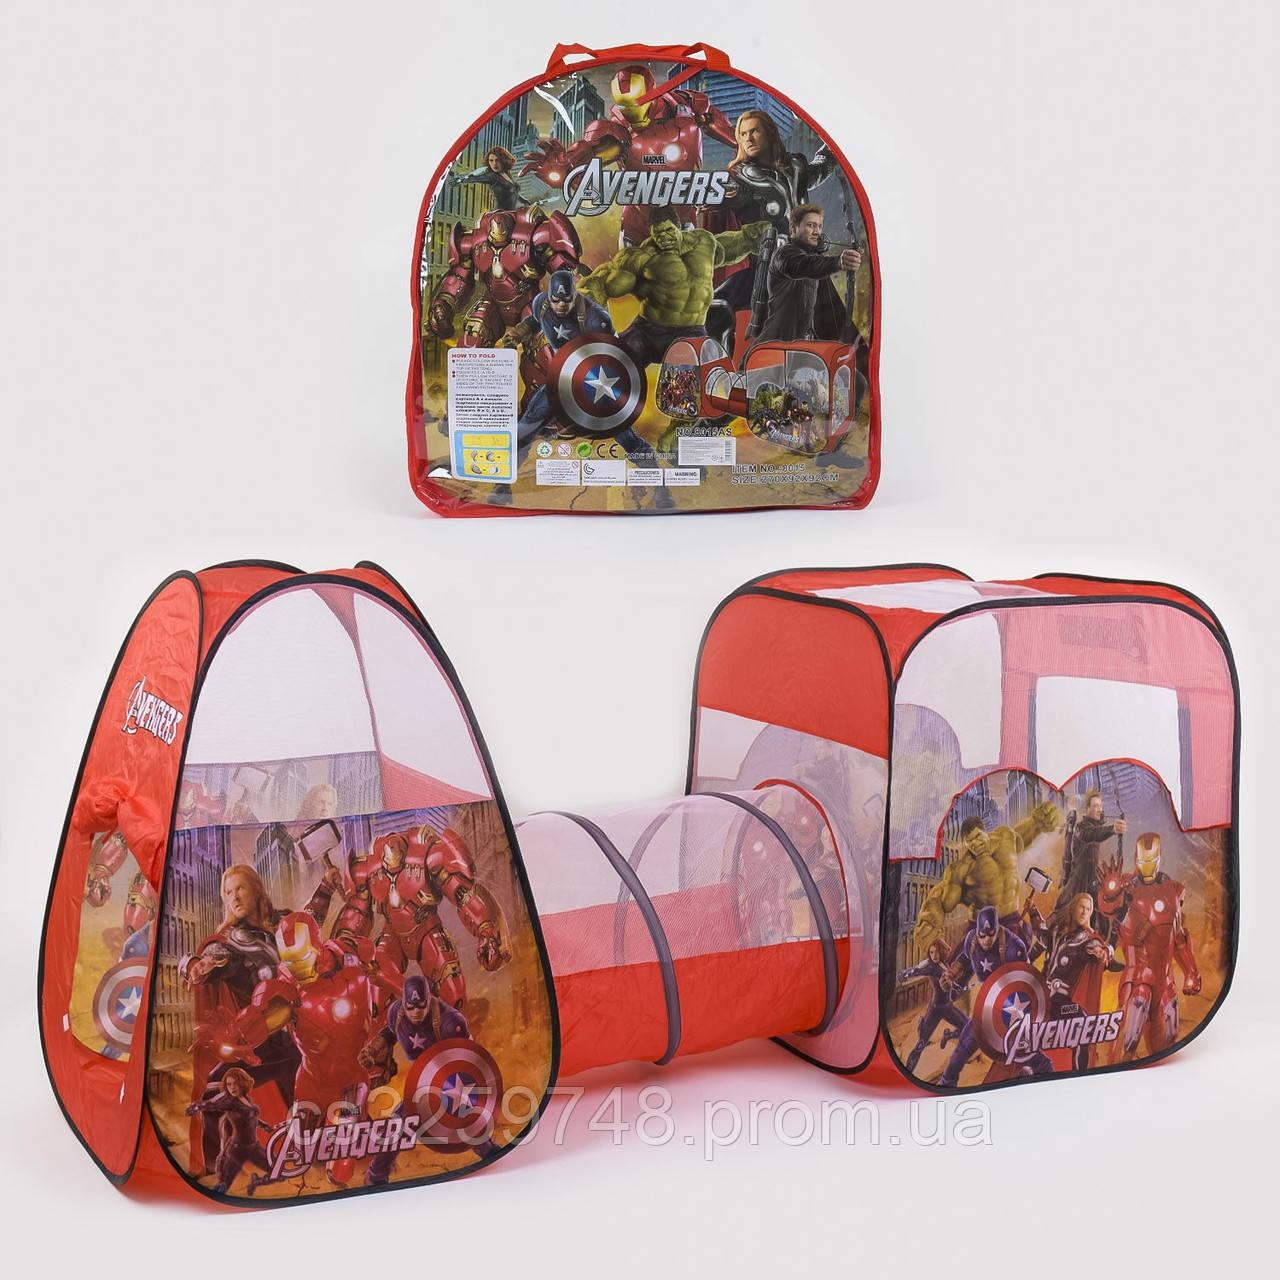 Палатка с туннелем Супергерои 8015 AS (270*92*92 см)